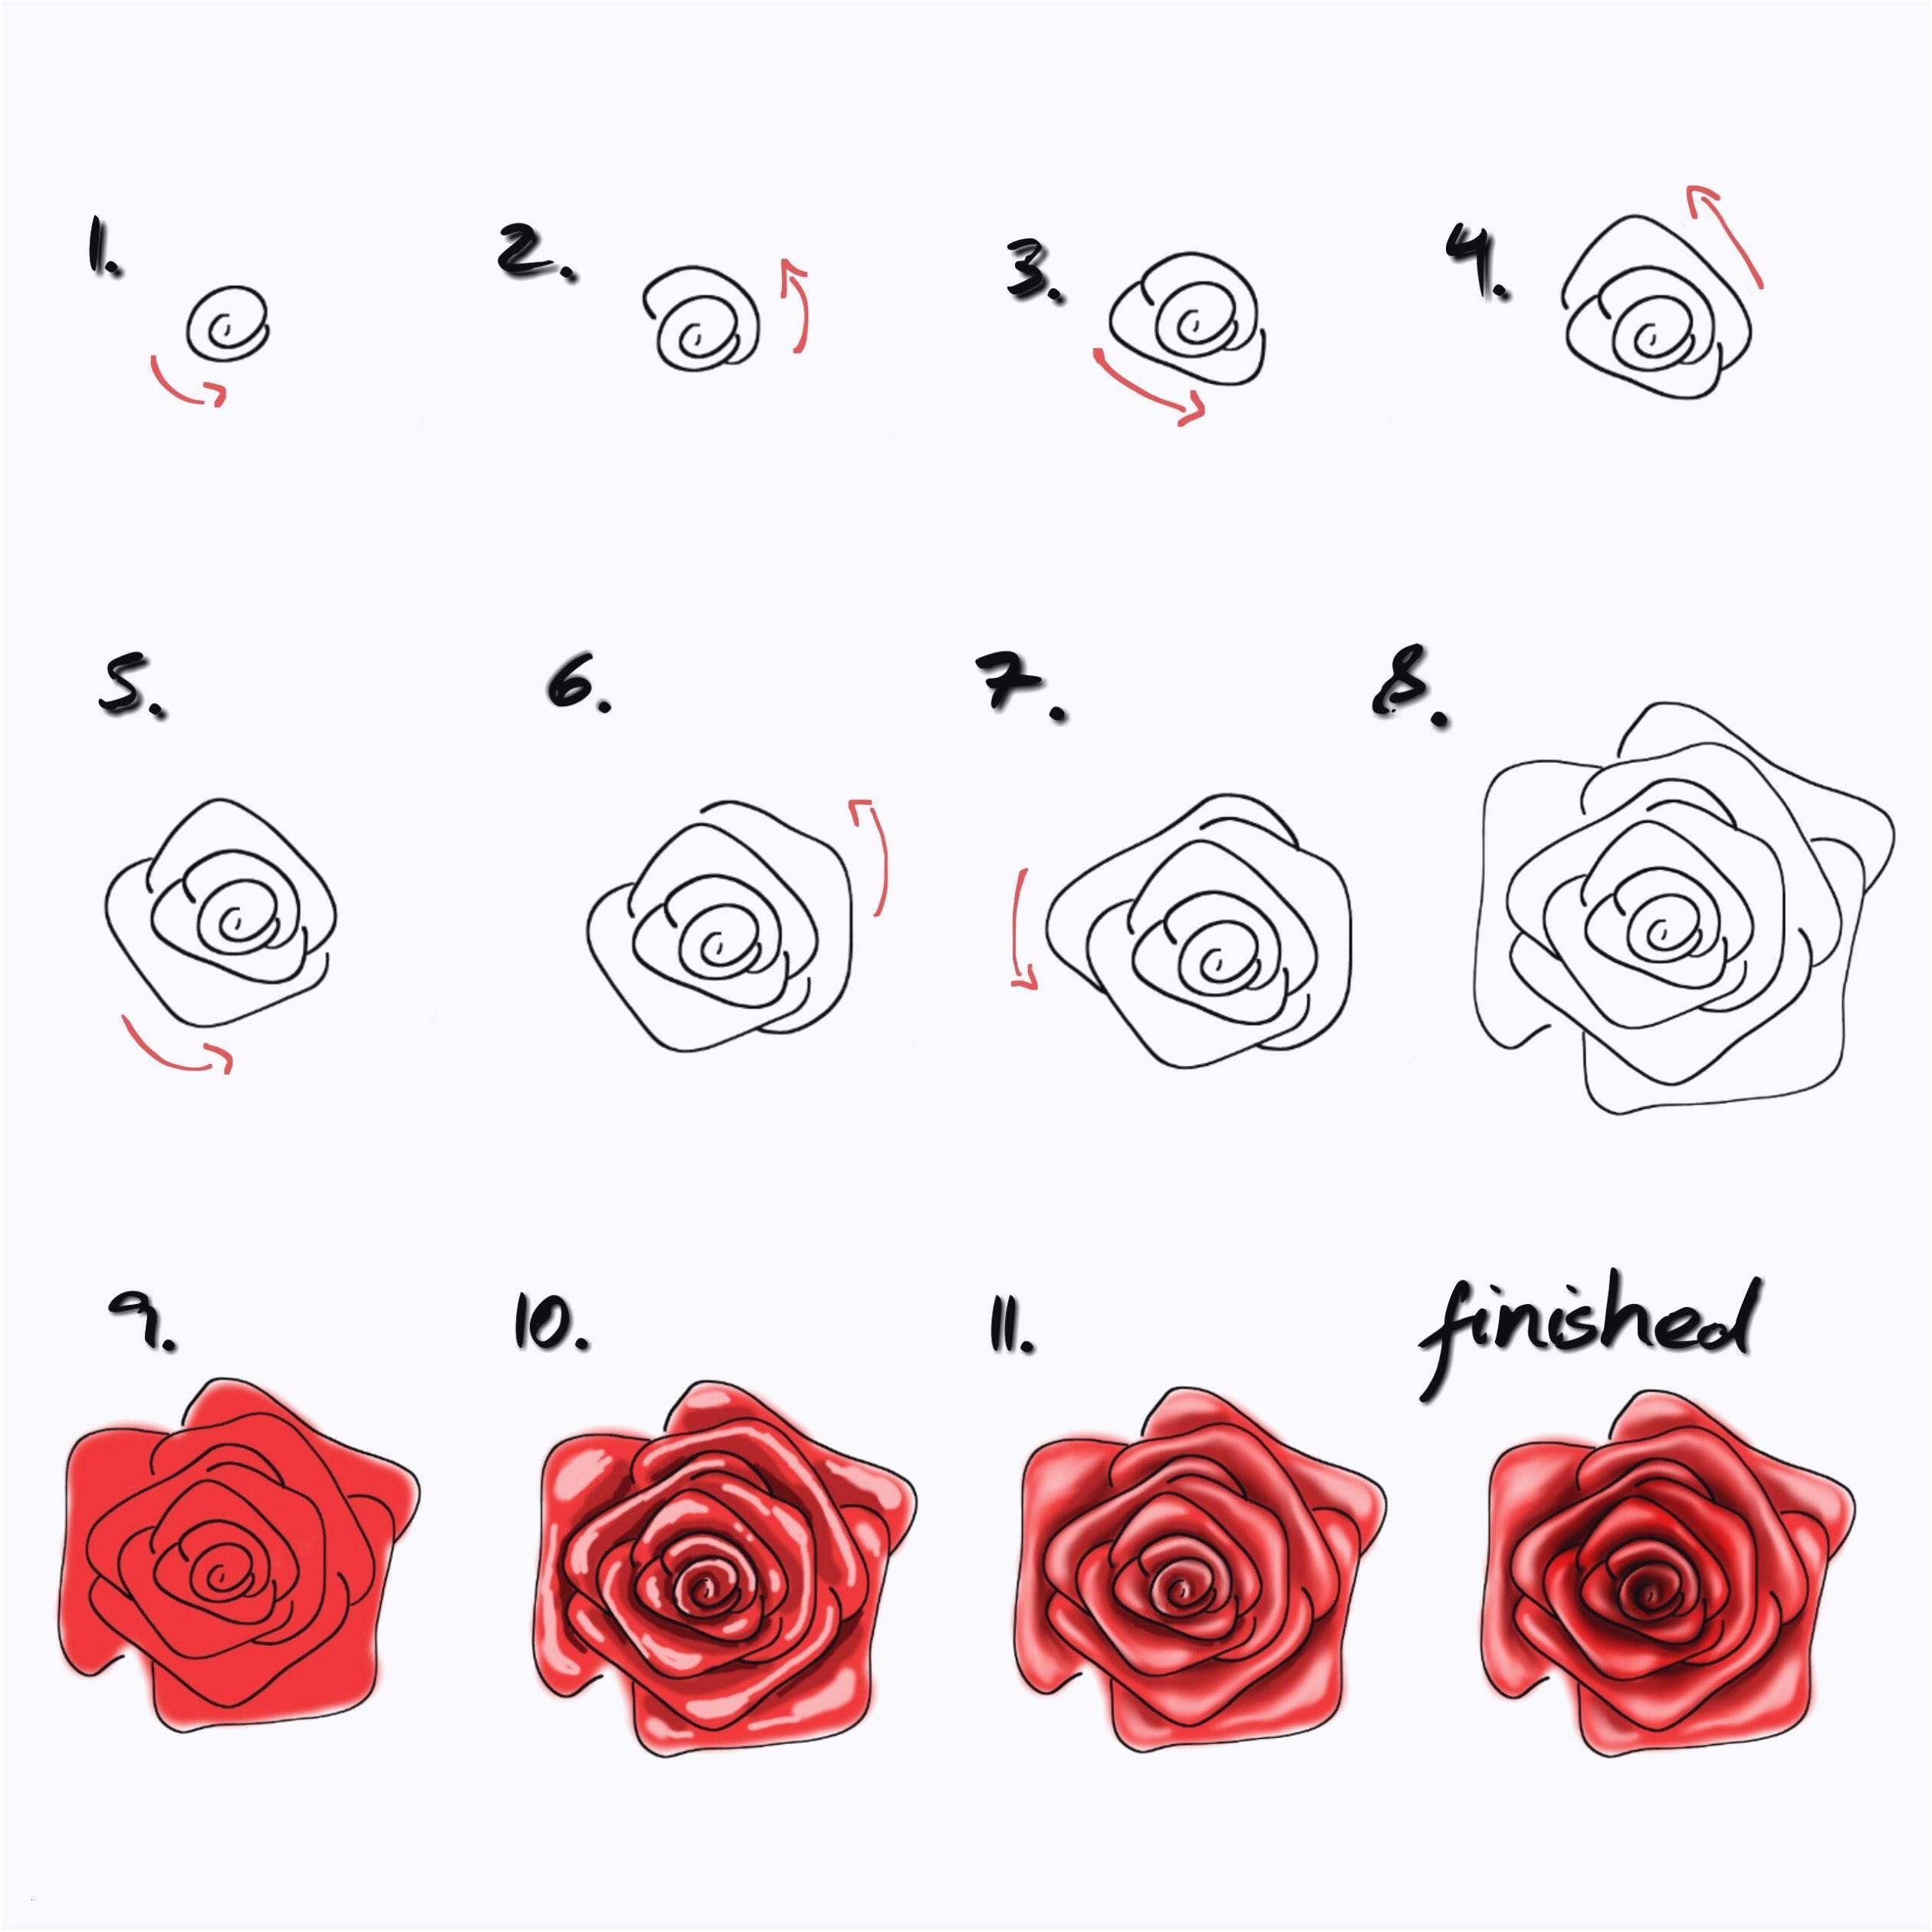 Rosen Mit Herzen Ausmalbilder Frisch Rose Ausmalbilder Einzigartig 32 Malvorlagen Blumen Rosen Bilder